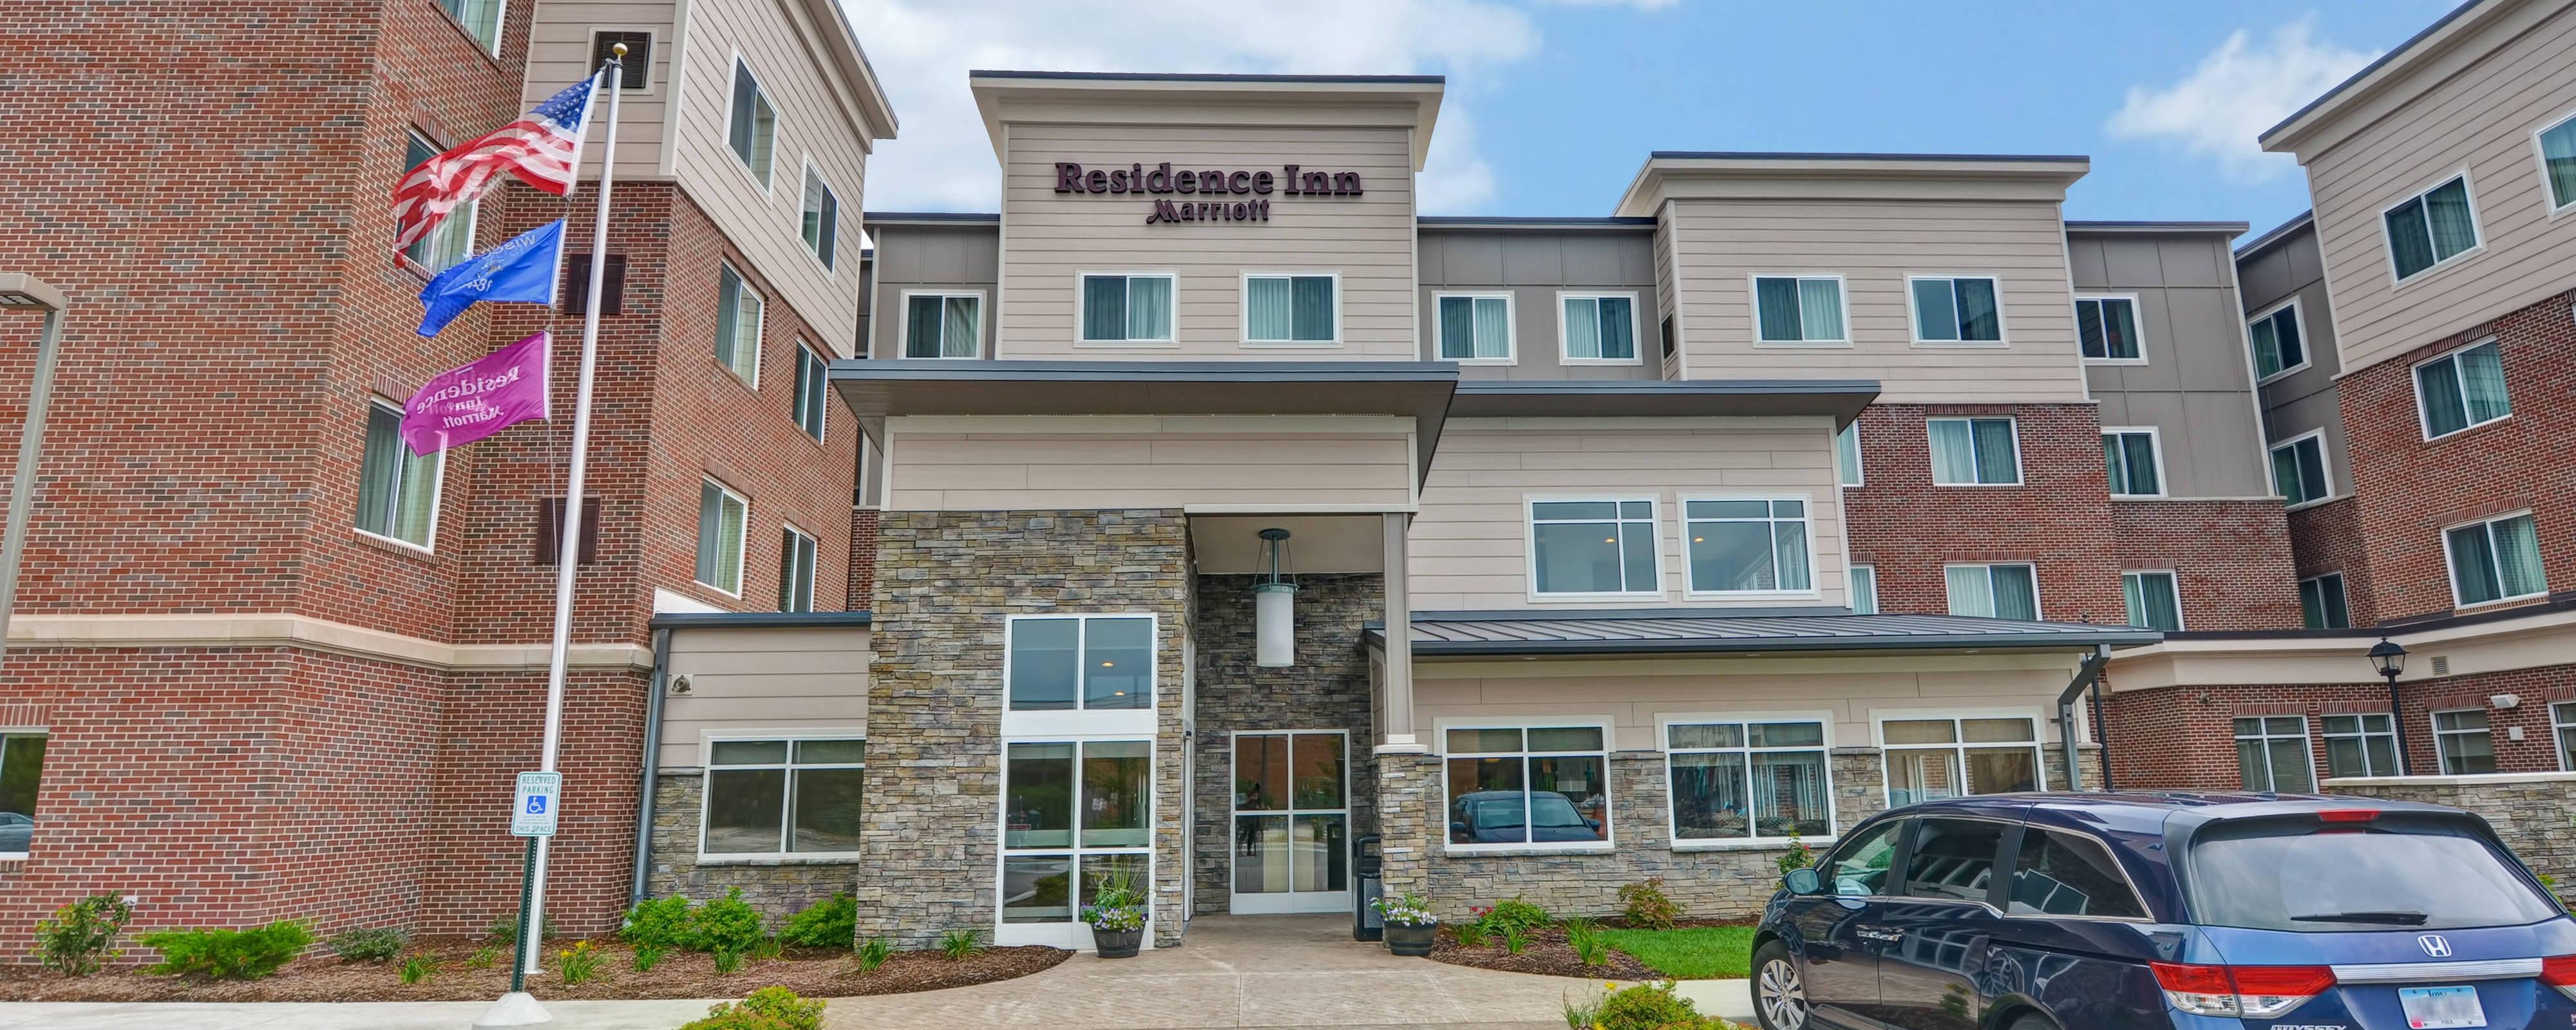 extended stay hotel in glendale residence inn milwaukee north glendale rh marriott com